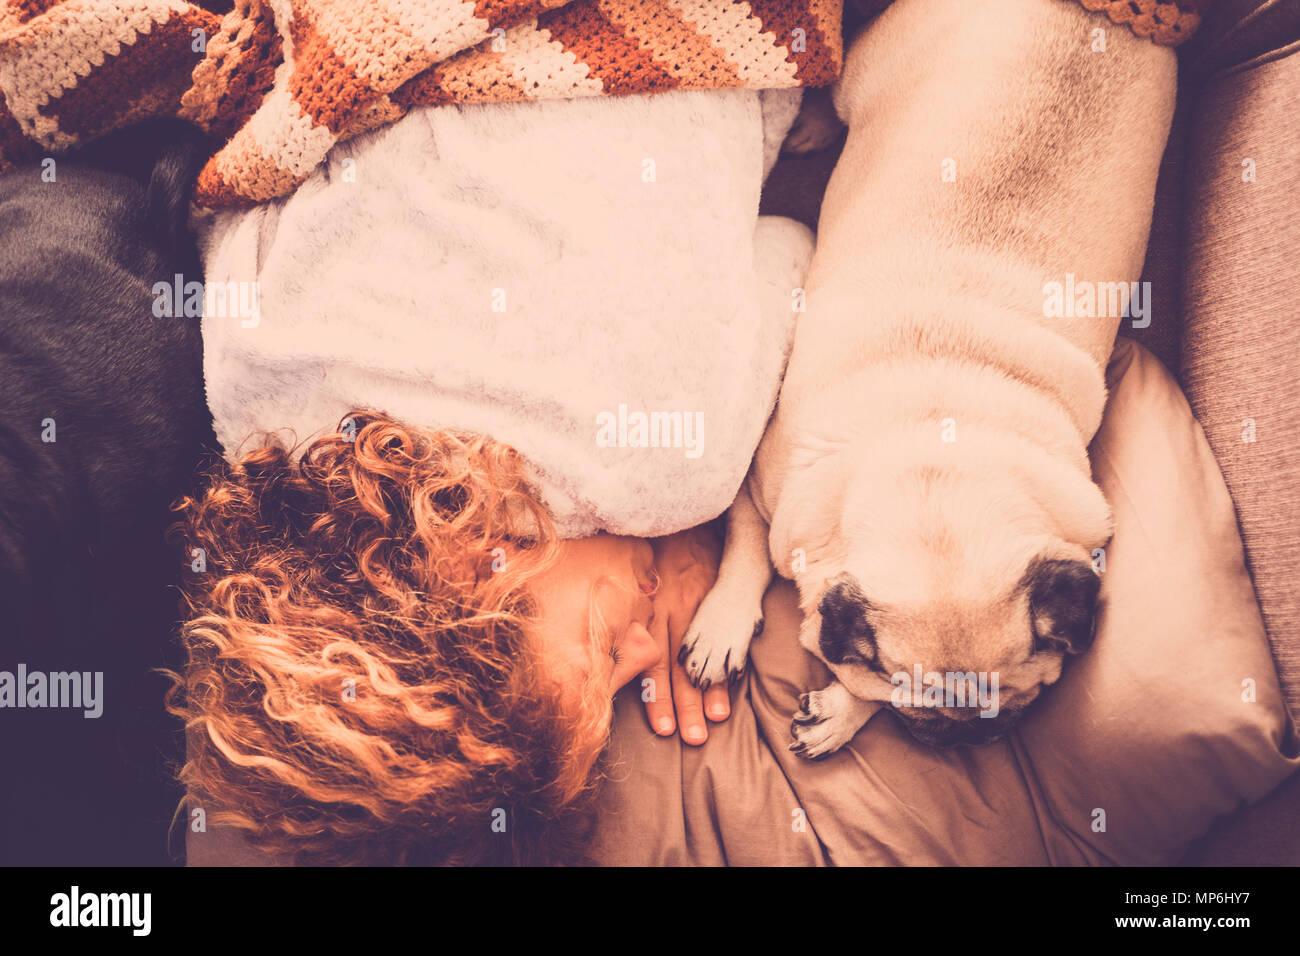 Beste Freunde für immer mit schönen Mops Hund und schöne Swirl Haar kaukasische Frau schlafen zusammen in den Morgen auf dem Sofa. absolute Freundschaft Konzept Stockbild